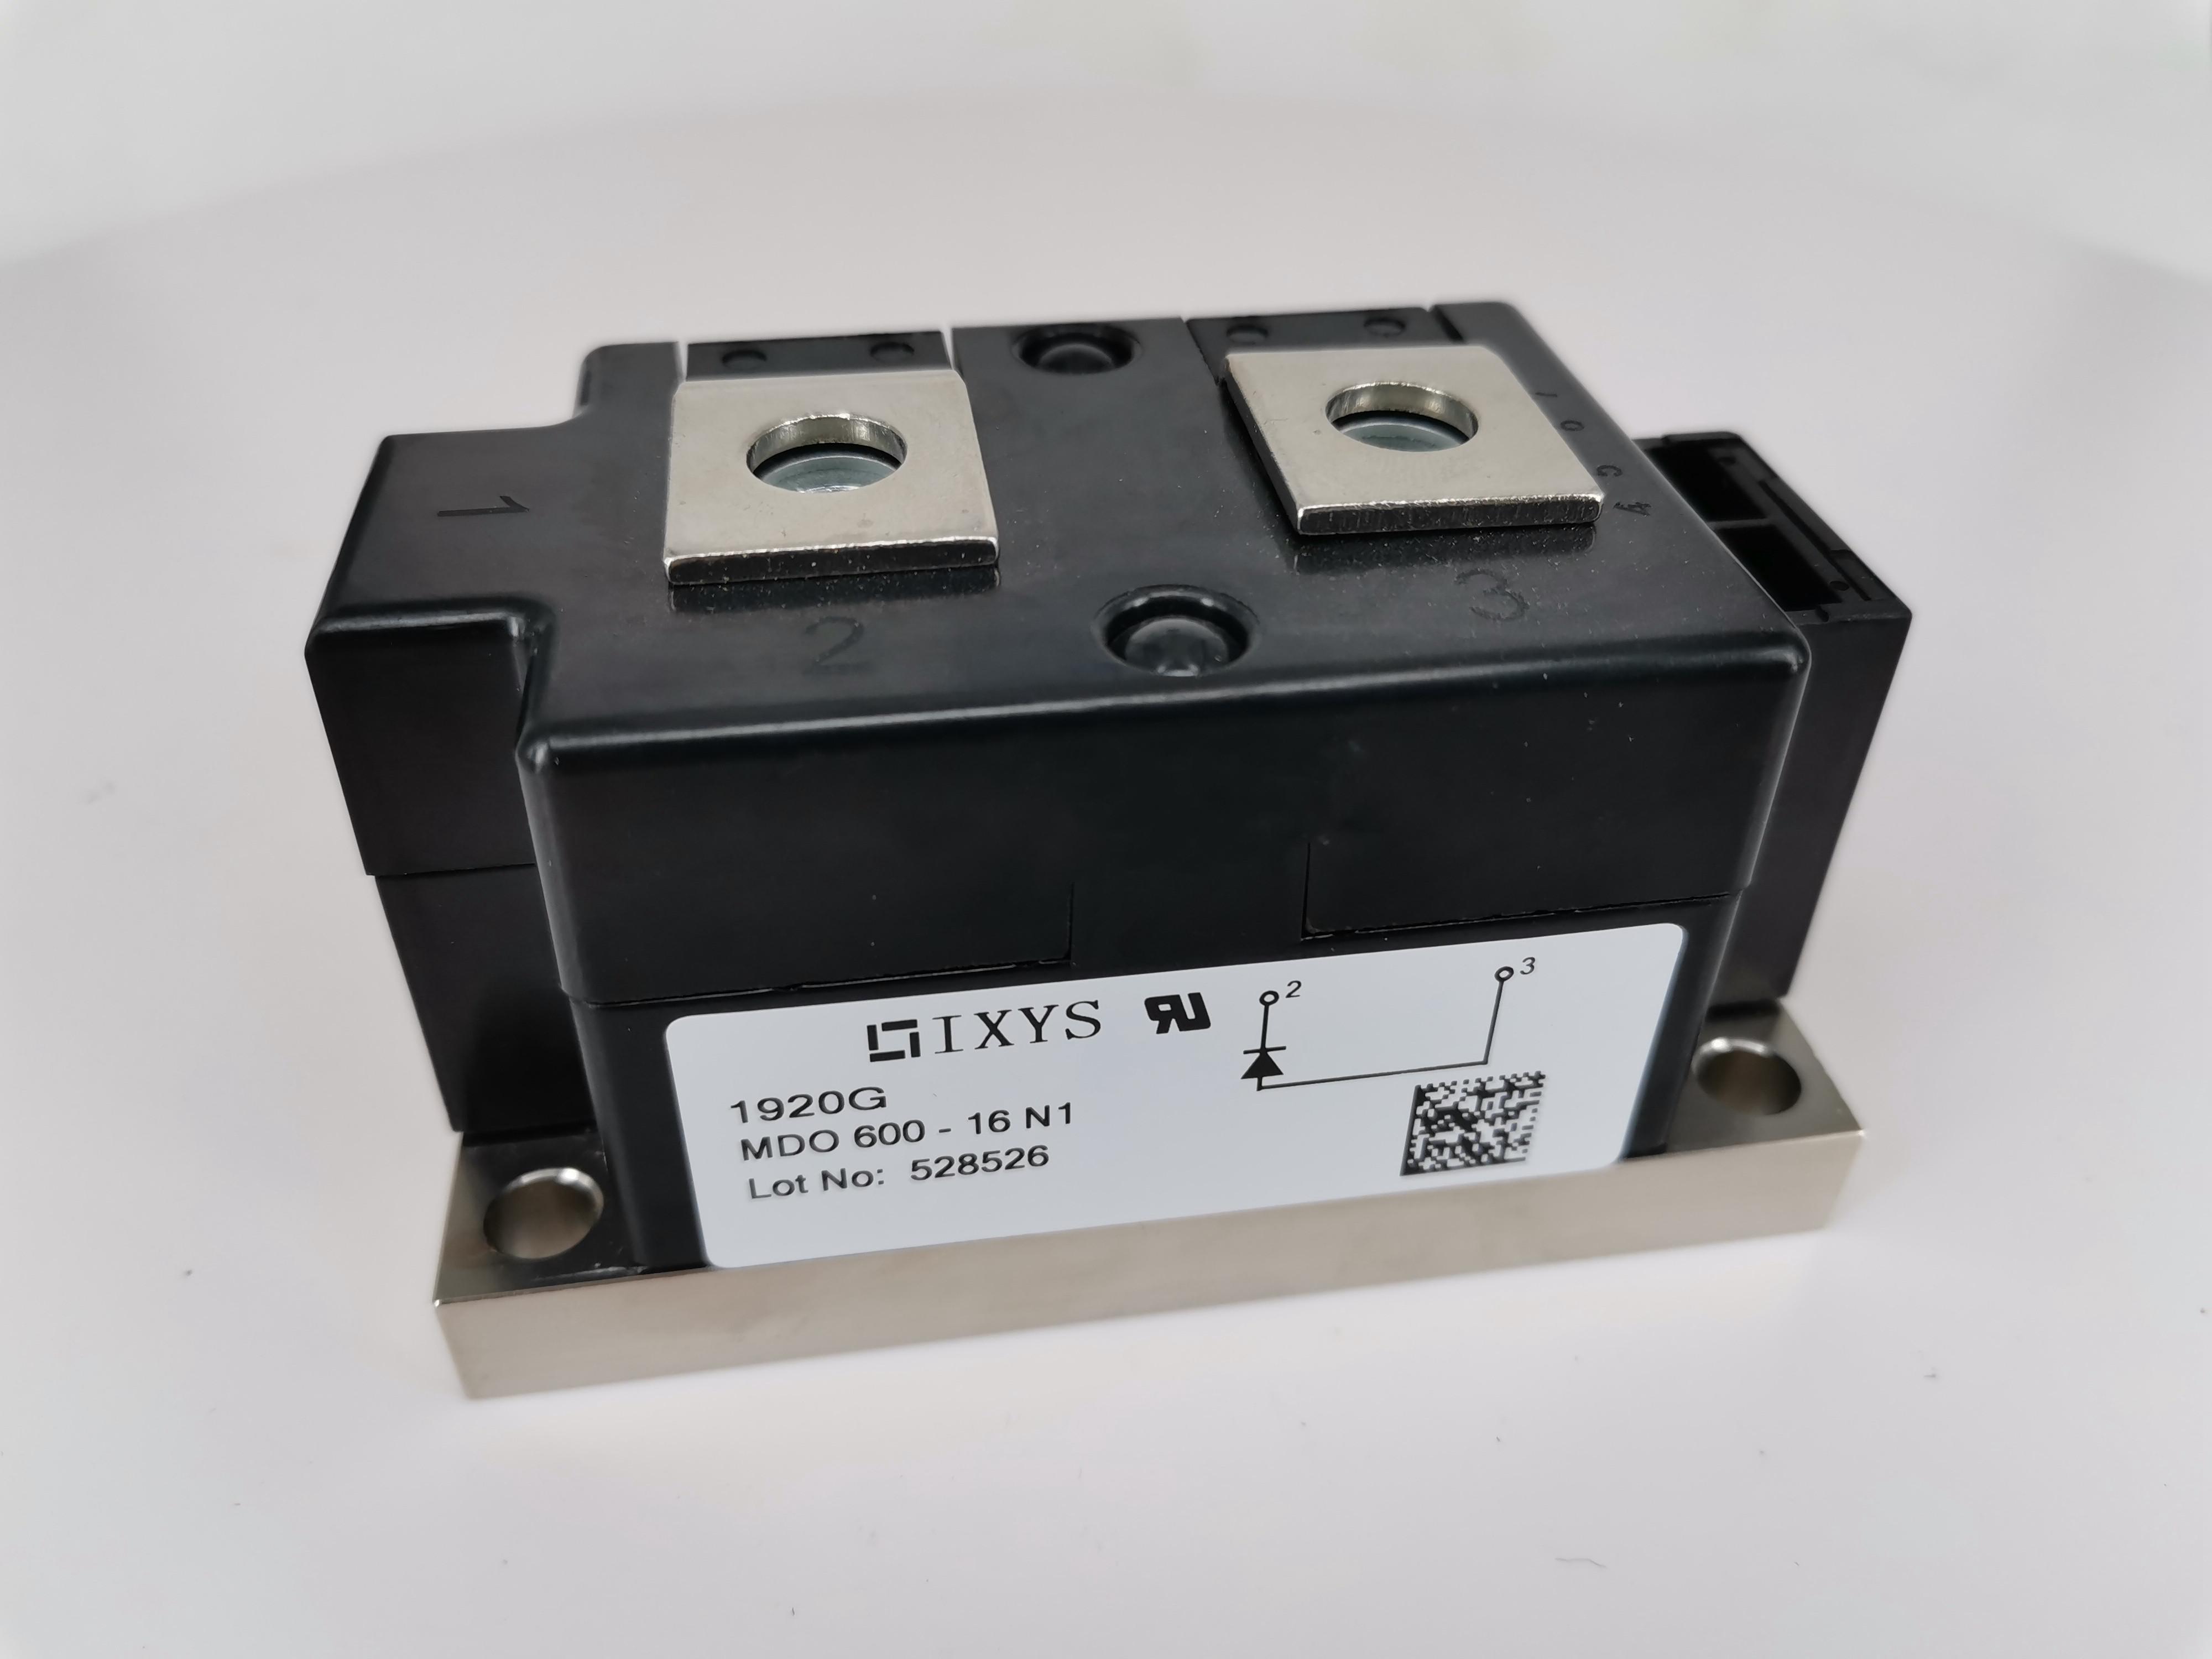 全新原装艾赛斯二极管功率模块MDO500-22N1 晶闸管可控硅现货直销